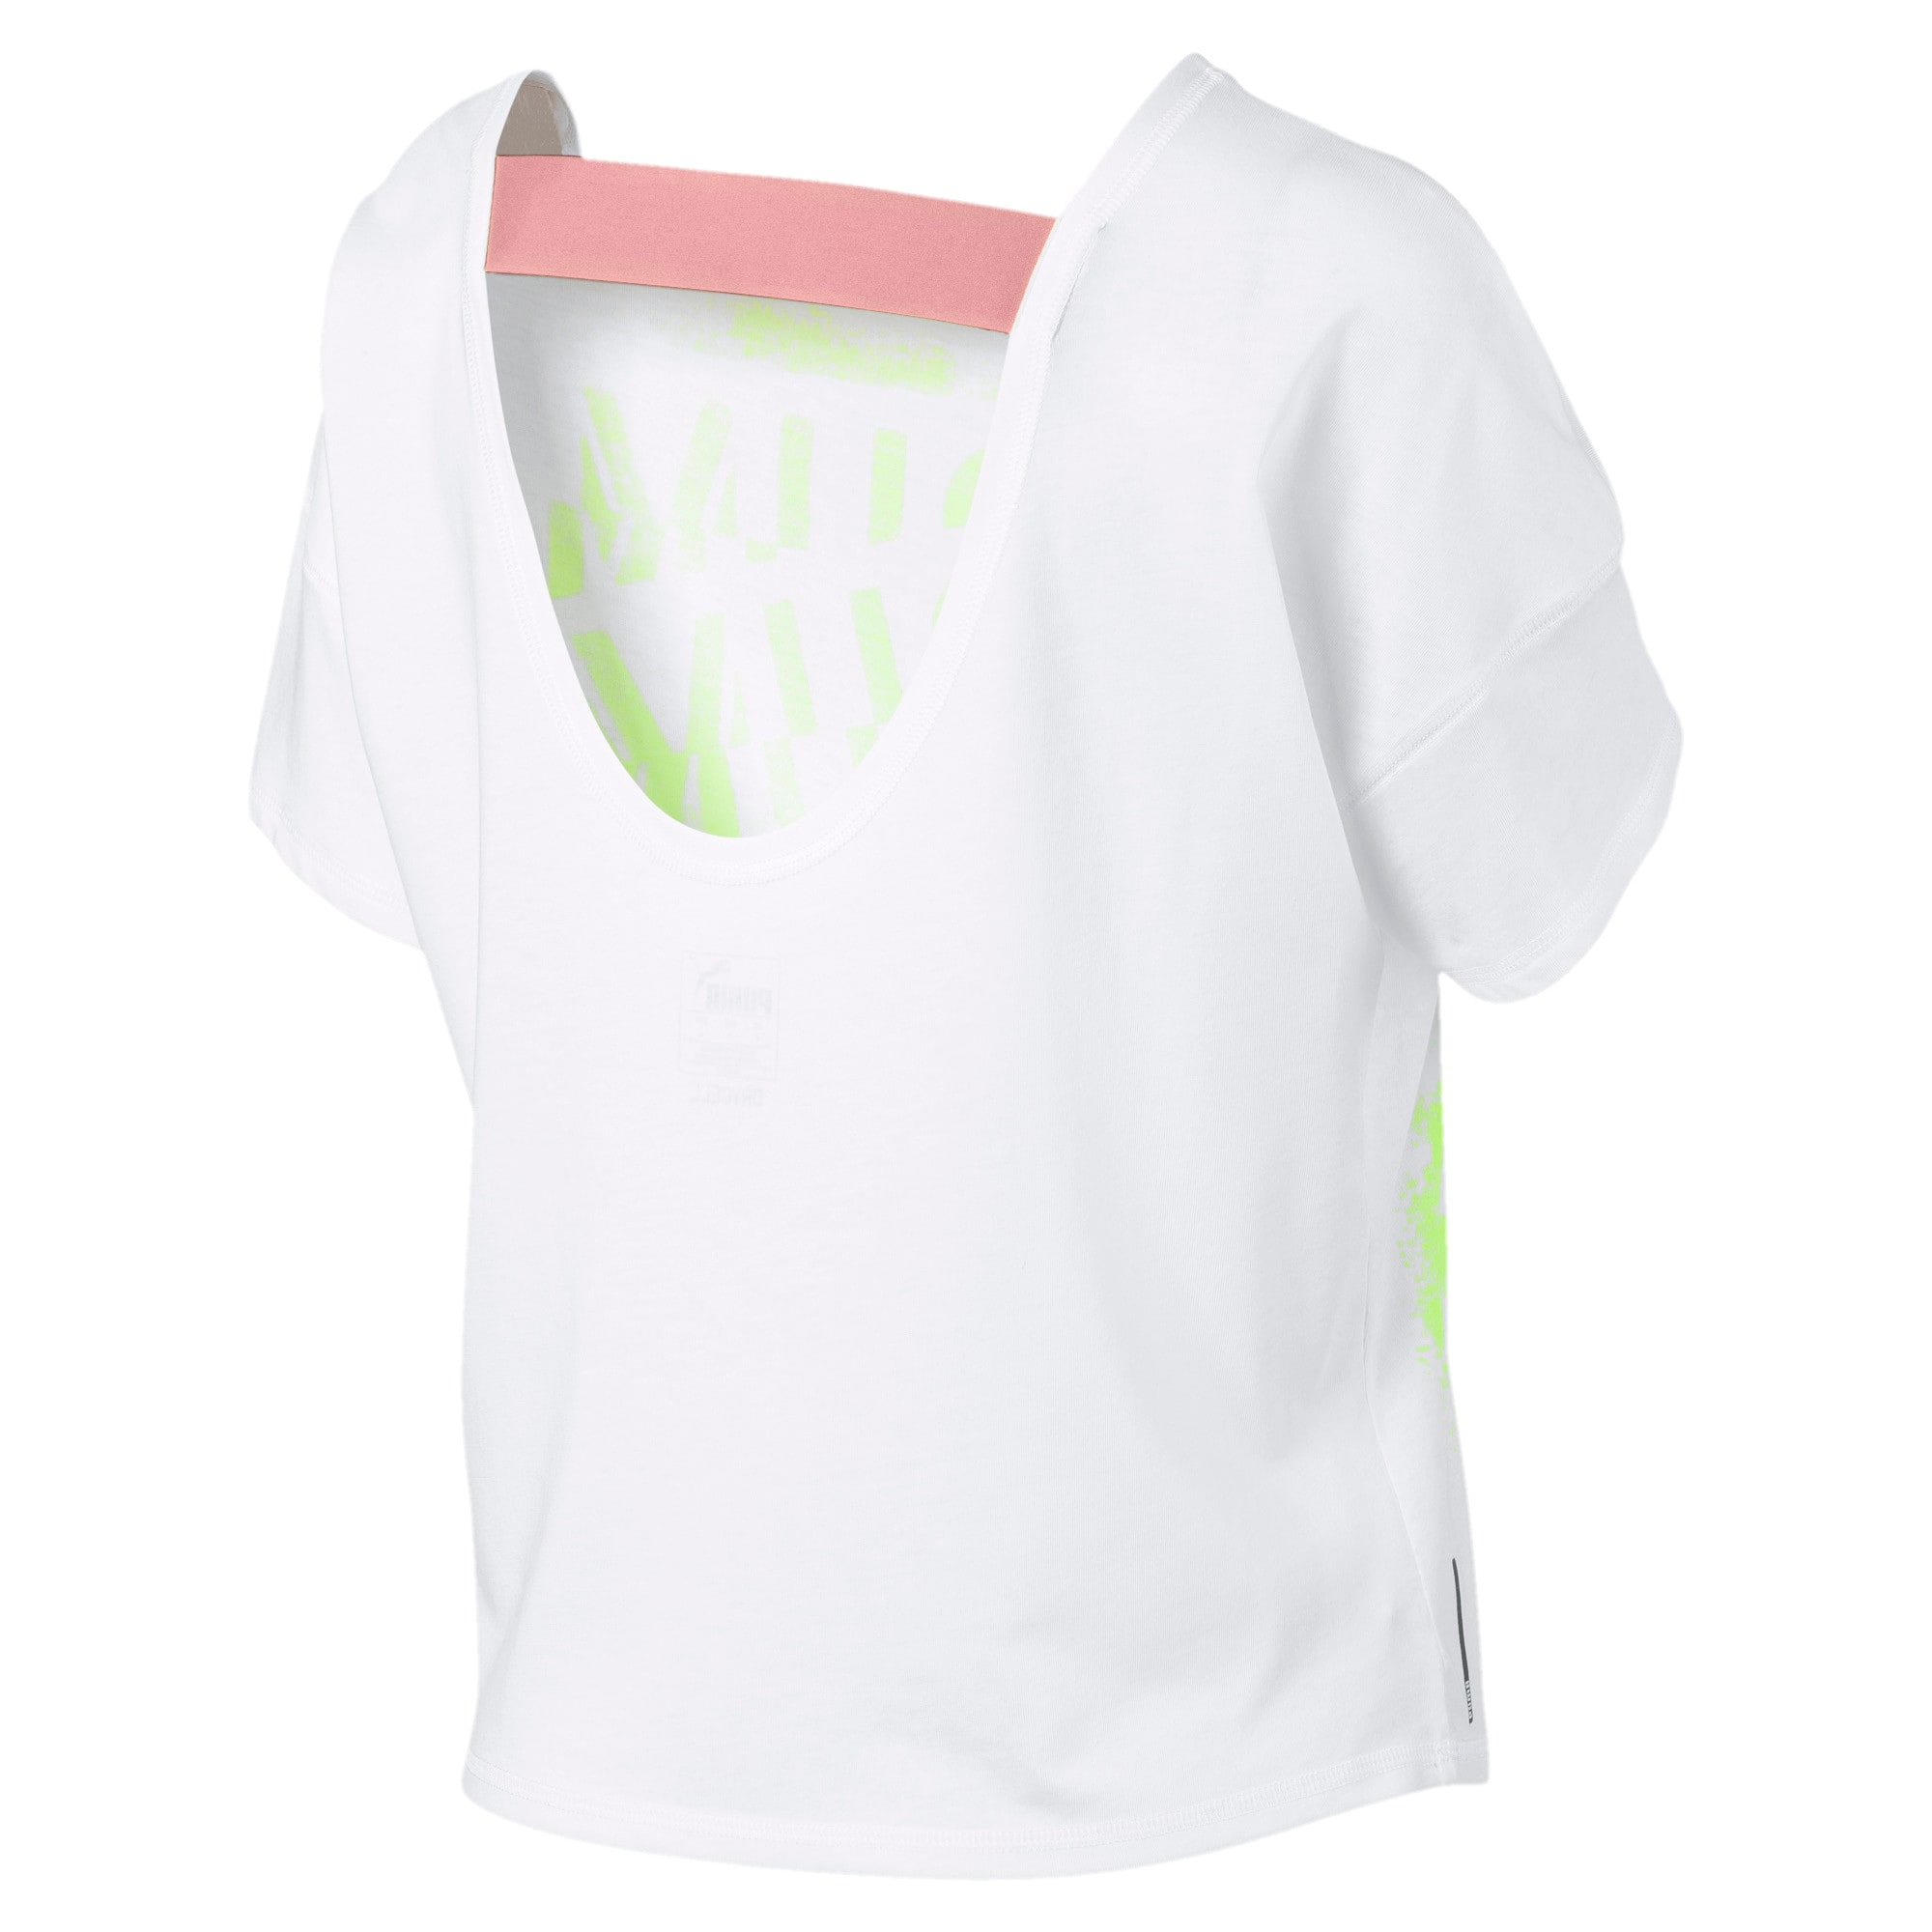 Thumbnail 6 of フィール イット SS ウィメンズ トレーニング Tシャツ 半袖, Puma White, medium-JPN